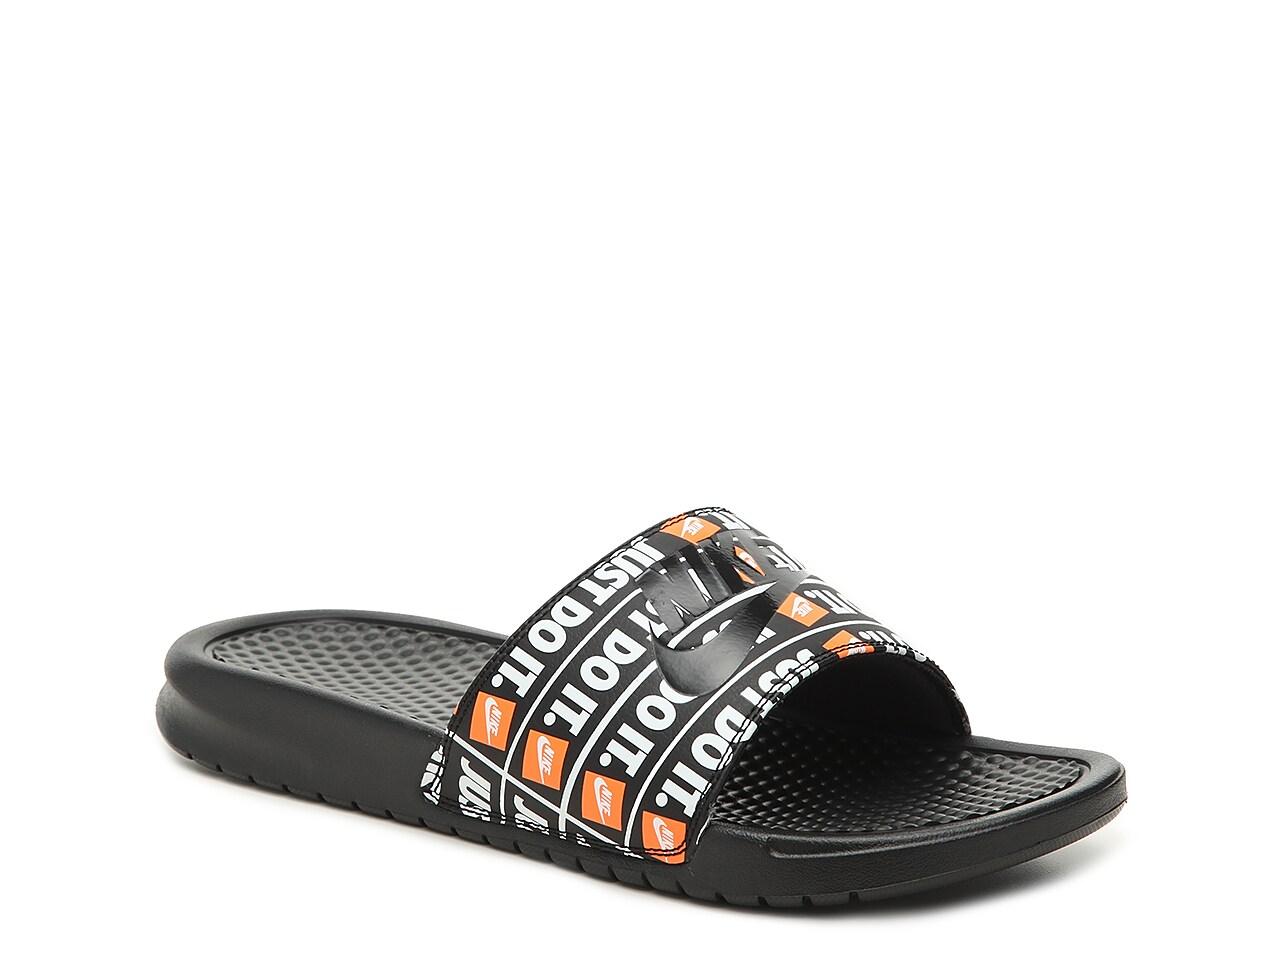 Nike Benassi Just Do It Slide Sandal - Men's